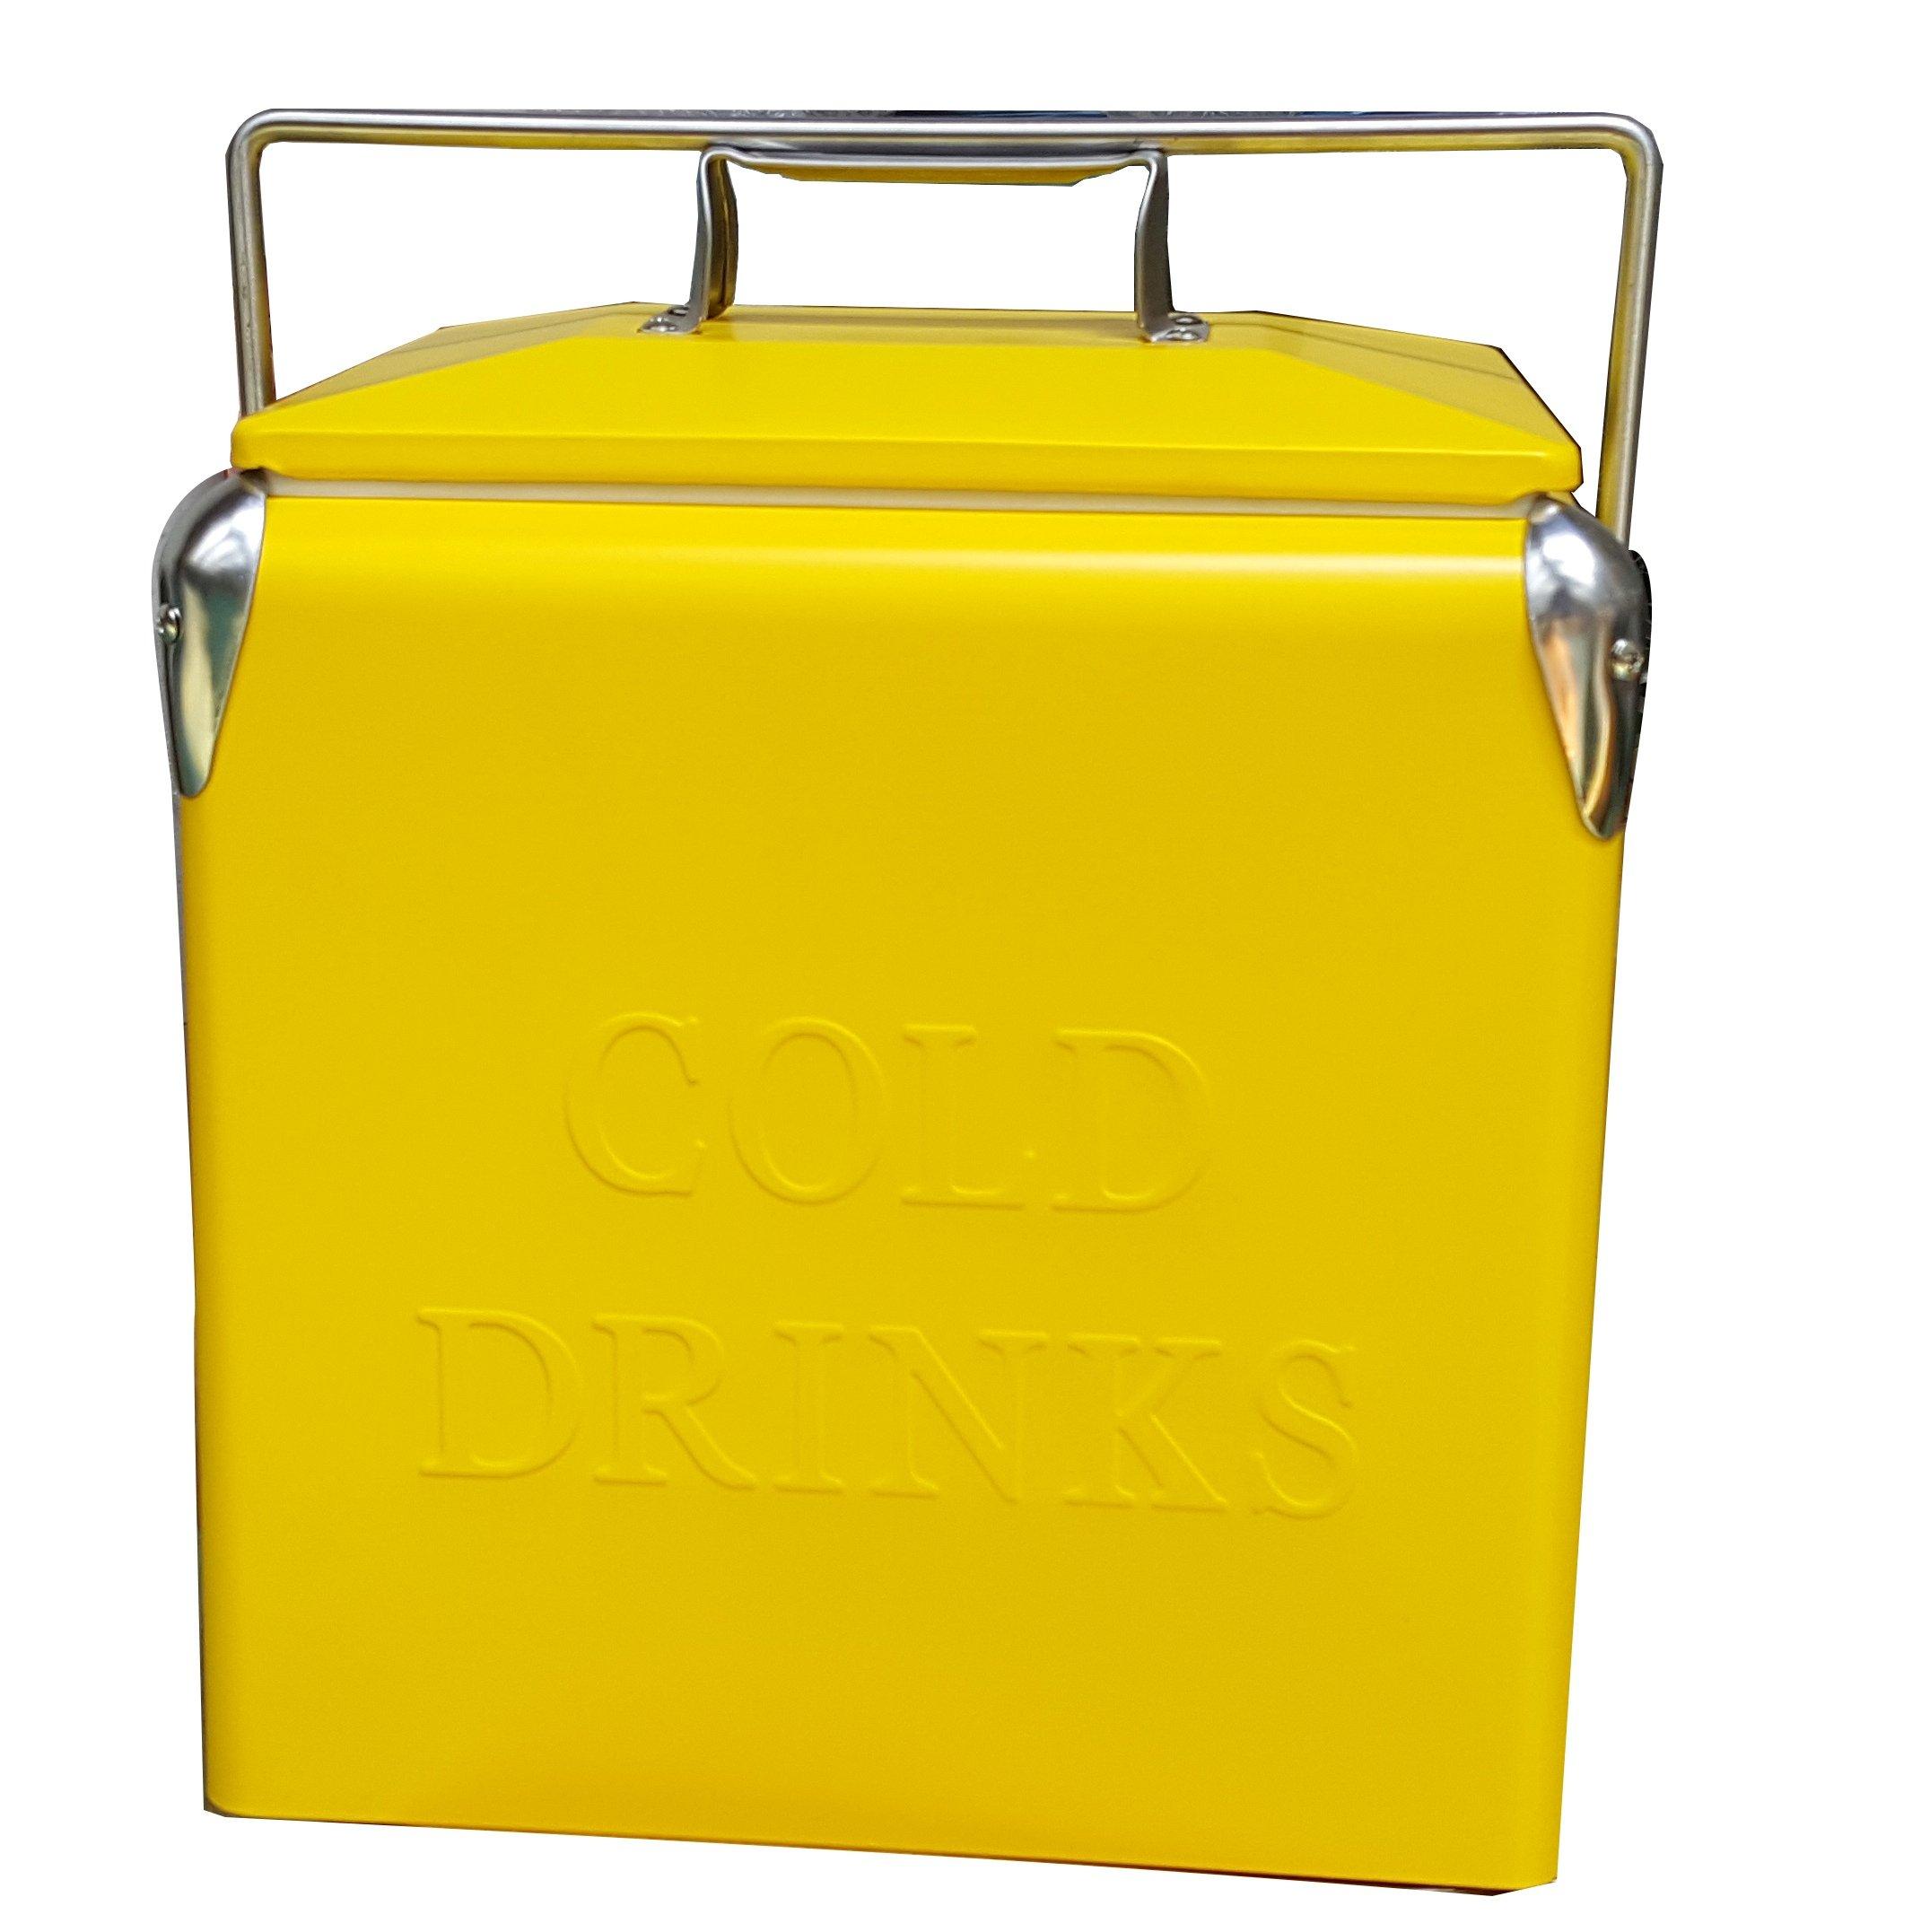 Permasteel PS-205-14Qt Yellow Portable Picnic Cooler